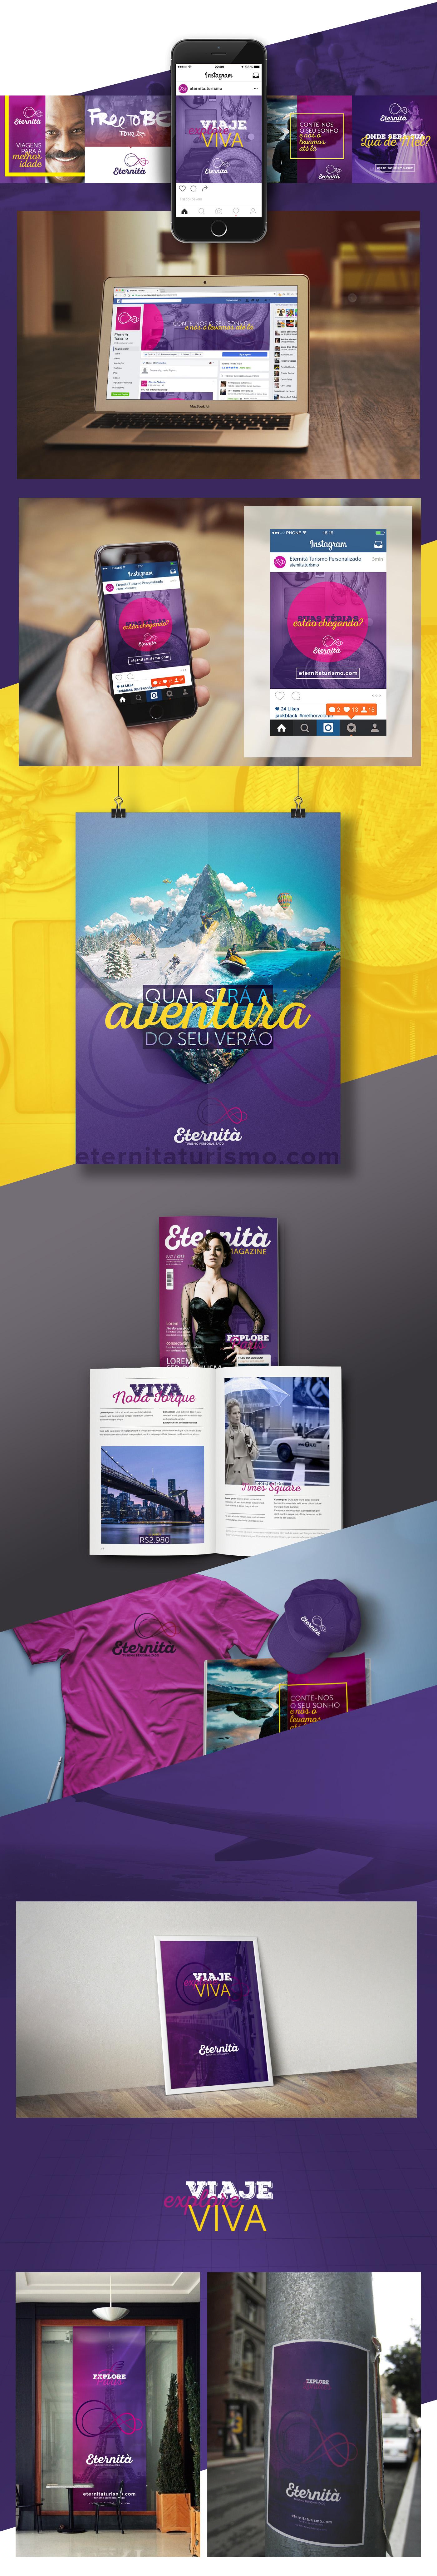 turism,eternita  ,design,branding ,trip,explore,agency,Turismo,viagem,rede social